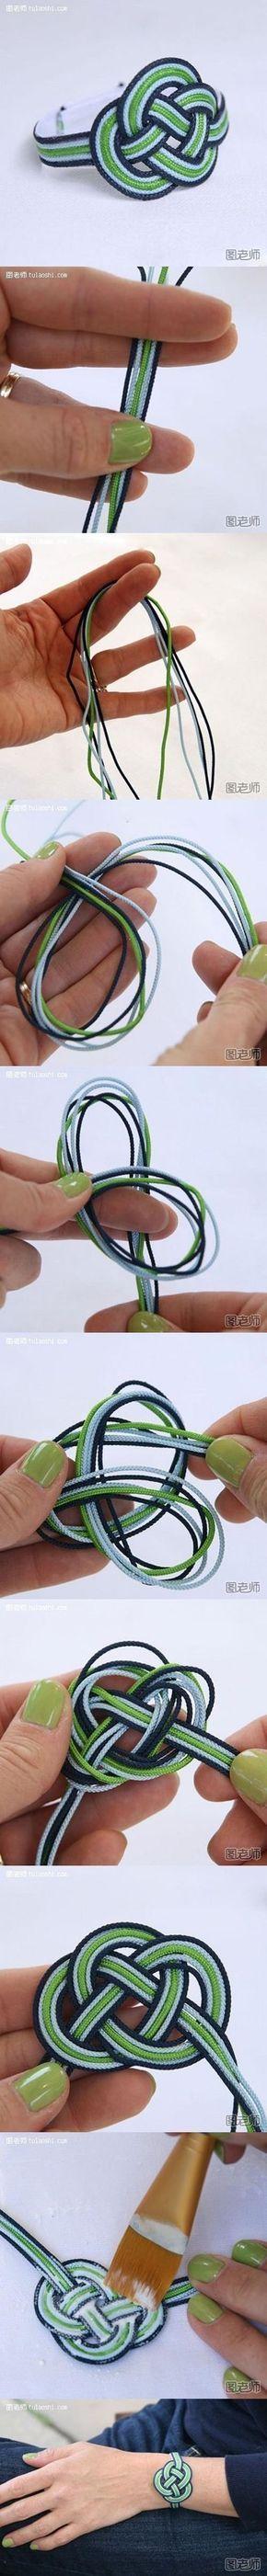 Pulseiras, colares e o que sua imaginação criar com os melhores fios: Purafiibra!